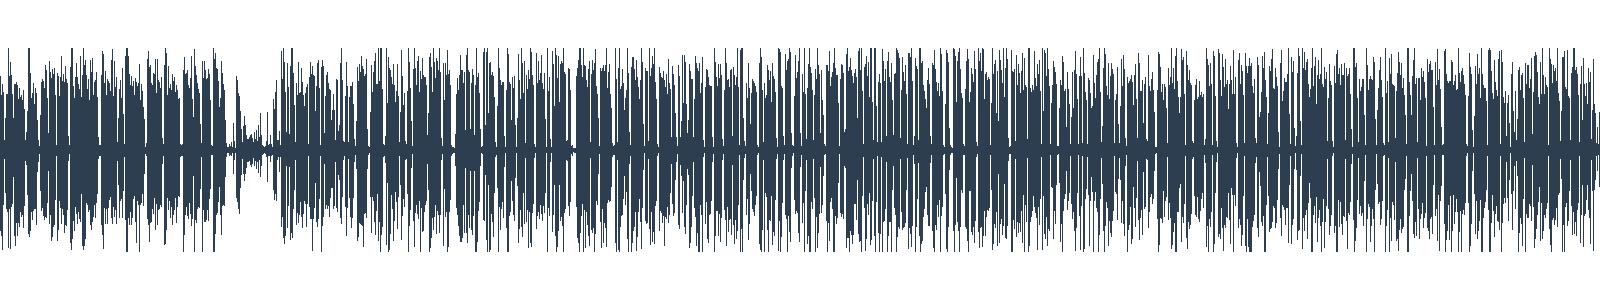 7. veľkonočná nedeľa waveform